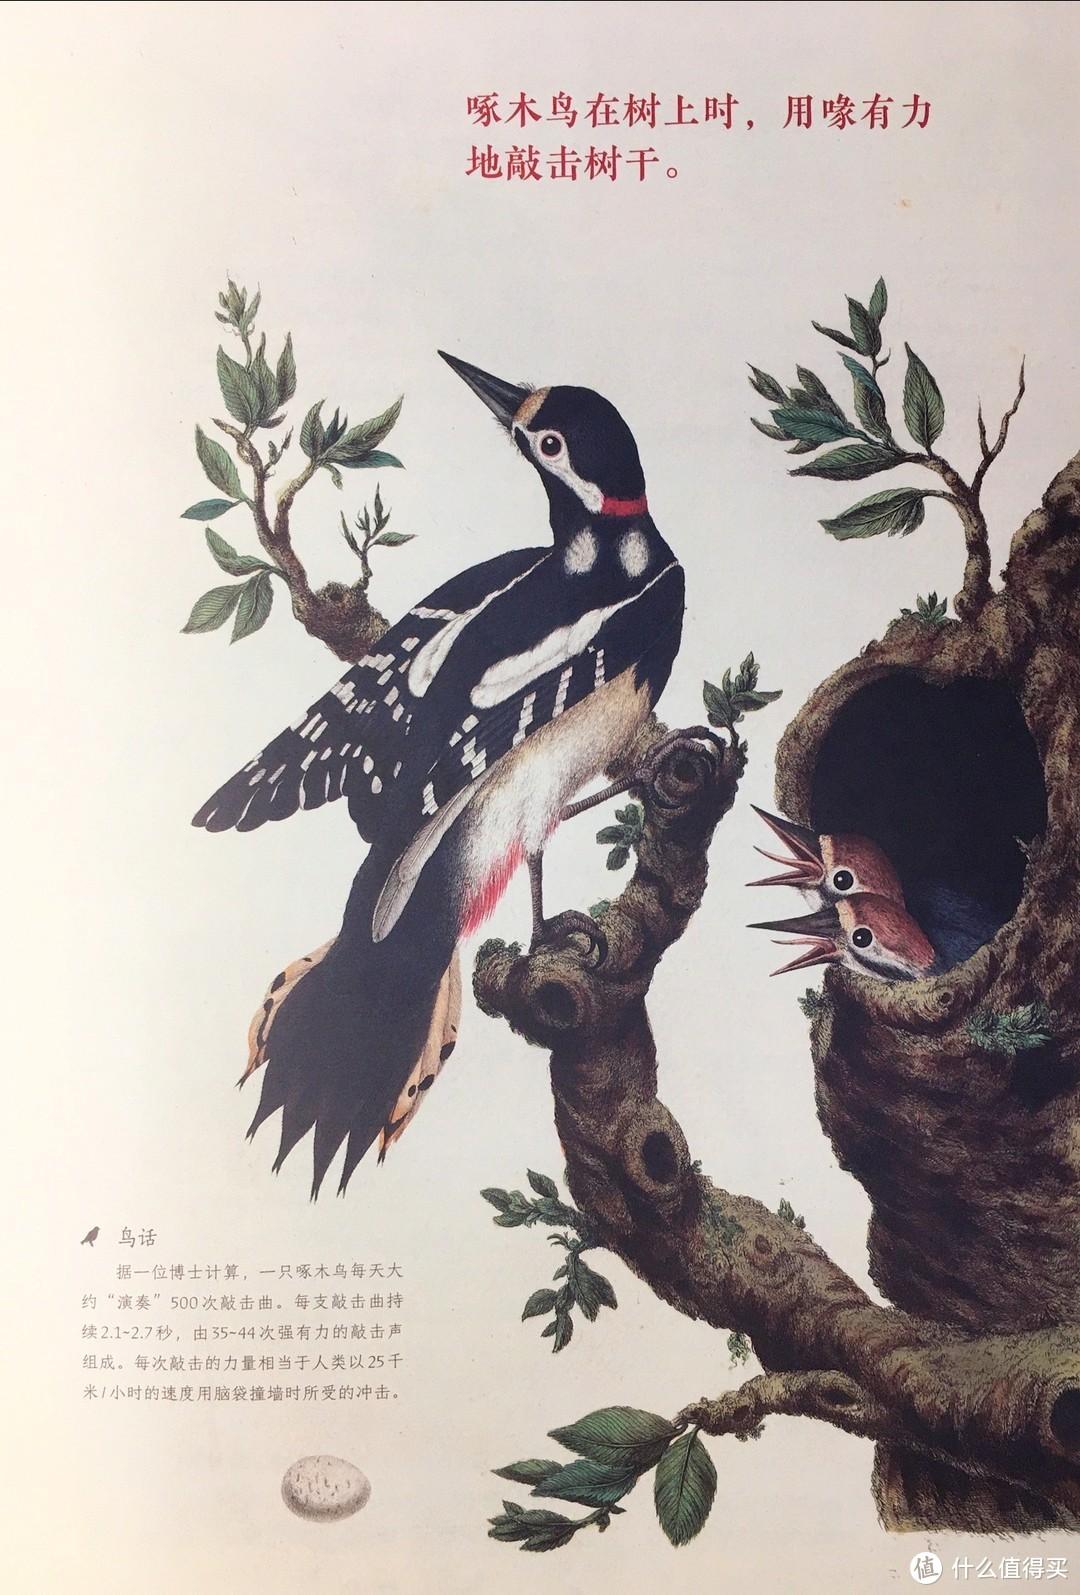 什么家庭啊?给孩子用荷兰国宝级藏书学习鸟类知识!